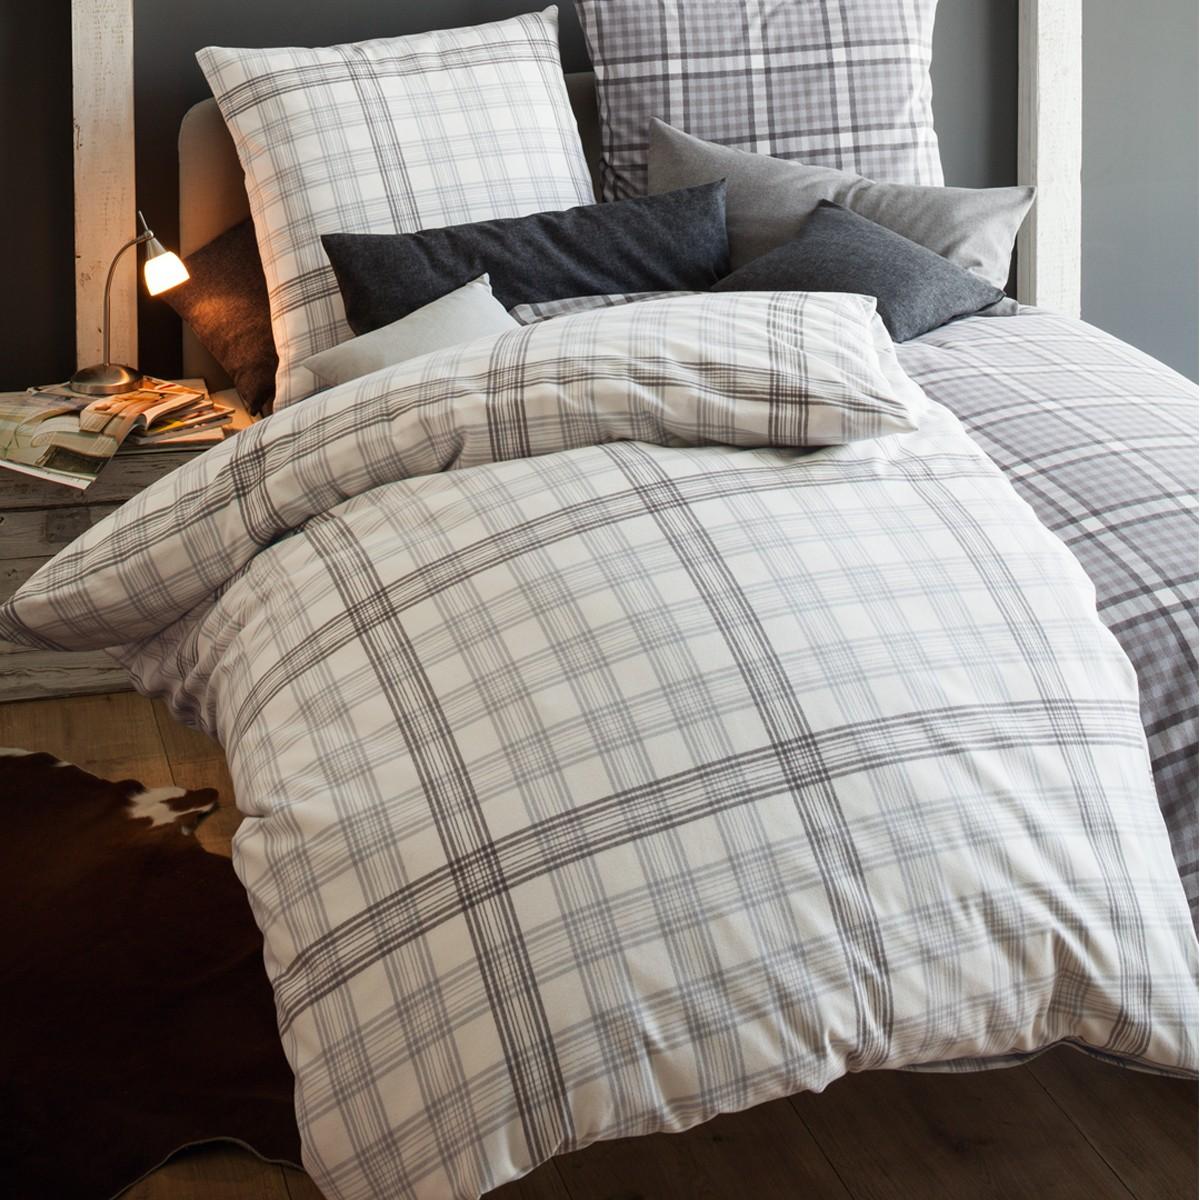 flanell bettw sche fleuresse lech silber kariert bettw sche flanell bettw sche. Black Bedroom Furniture Sets. Home Design Ideas